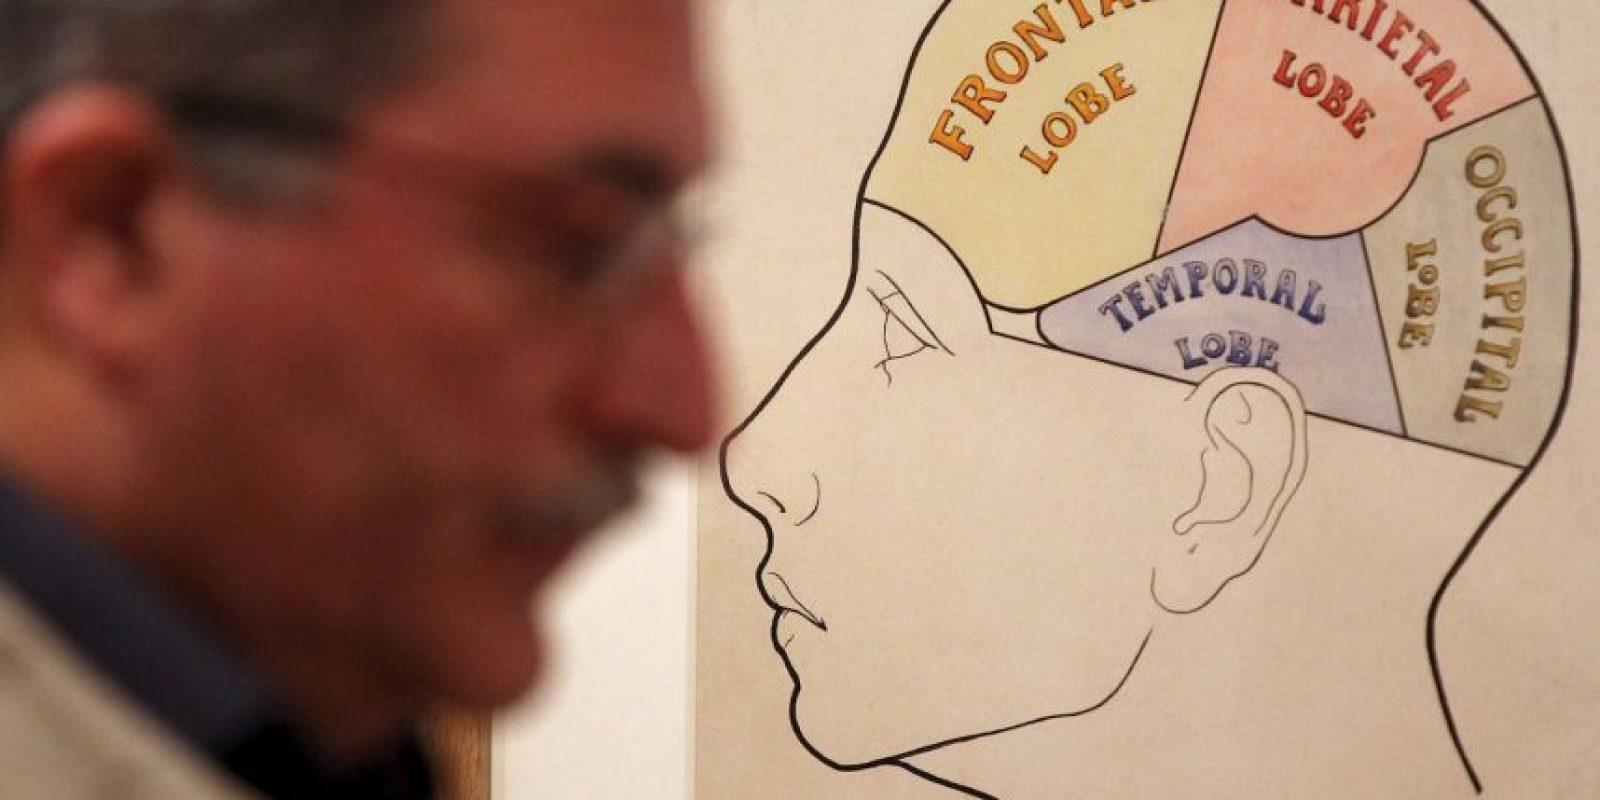 Según la Organización Mundial de la Salud, la demencia es un síndrome que implica el deterioro de la memoria, el intelecto, el comportamiento y la capacidad para realizar actividades de la vida diaria. Foto:Getty Images